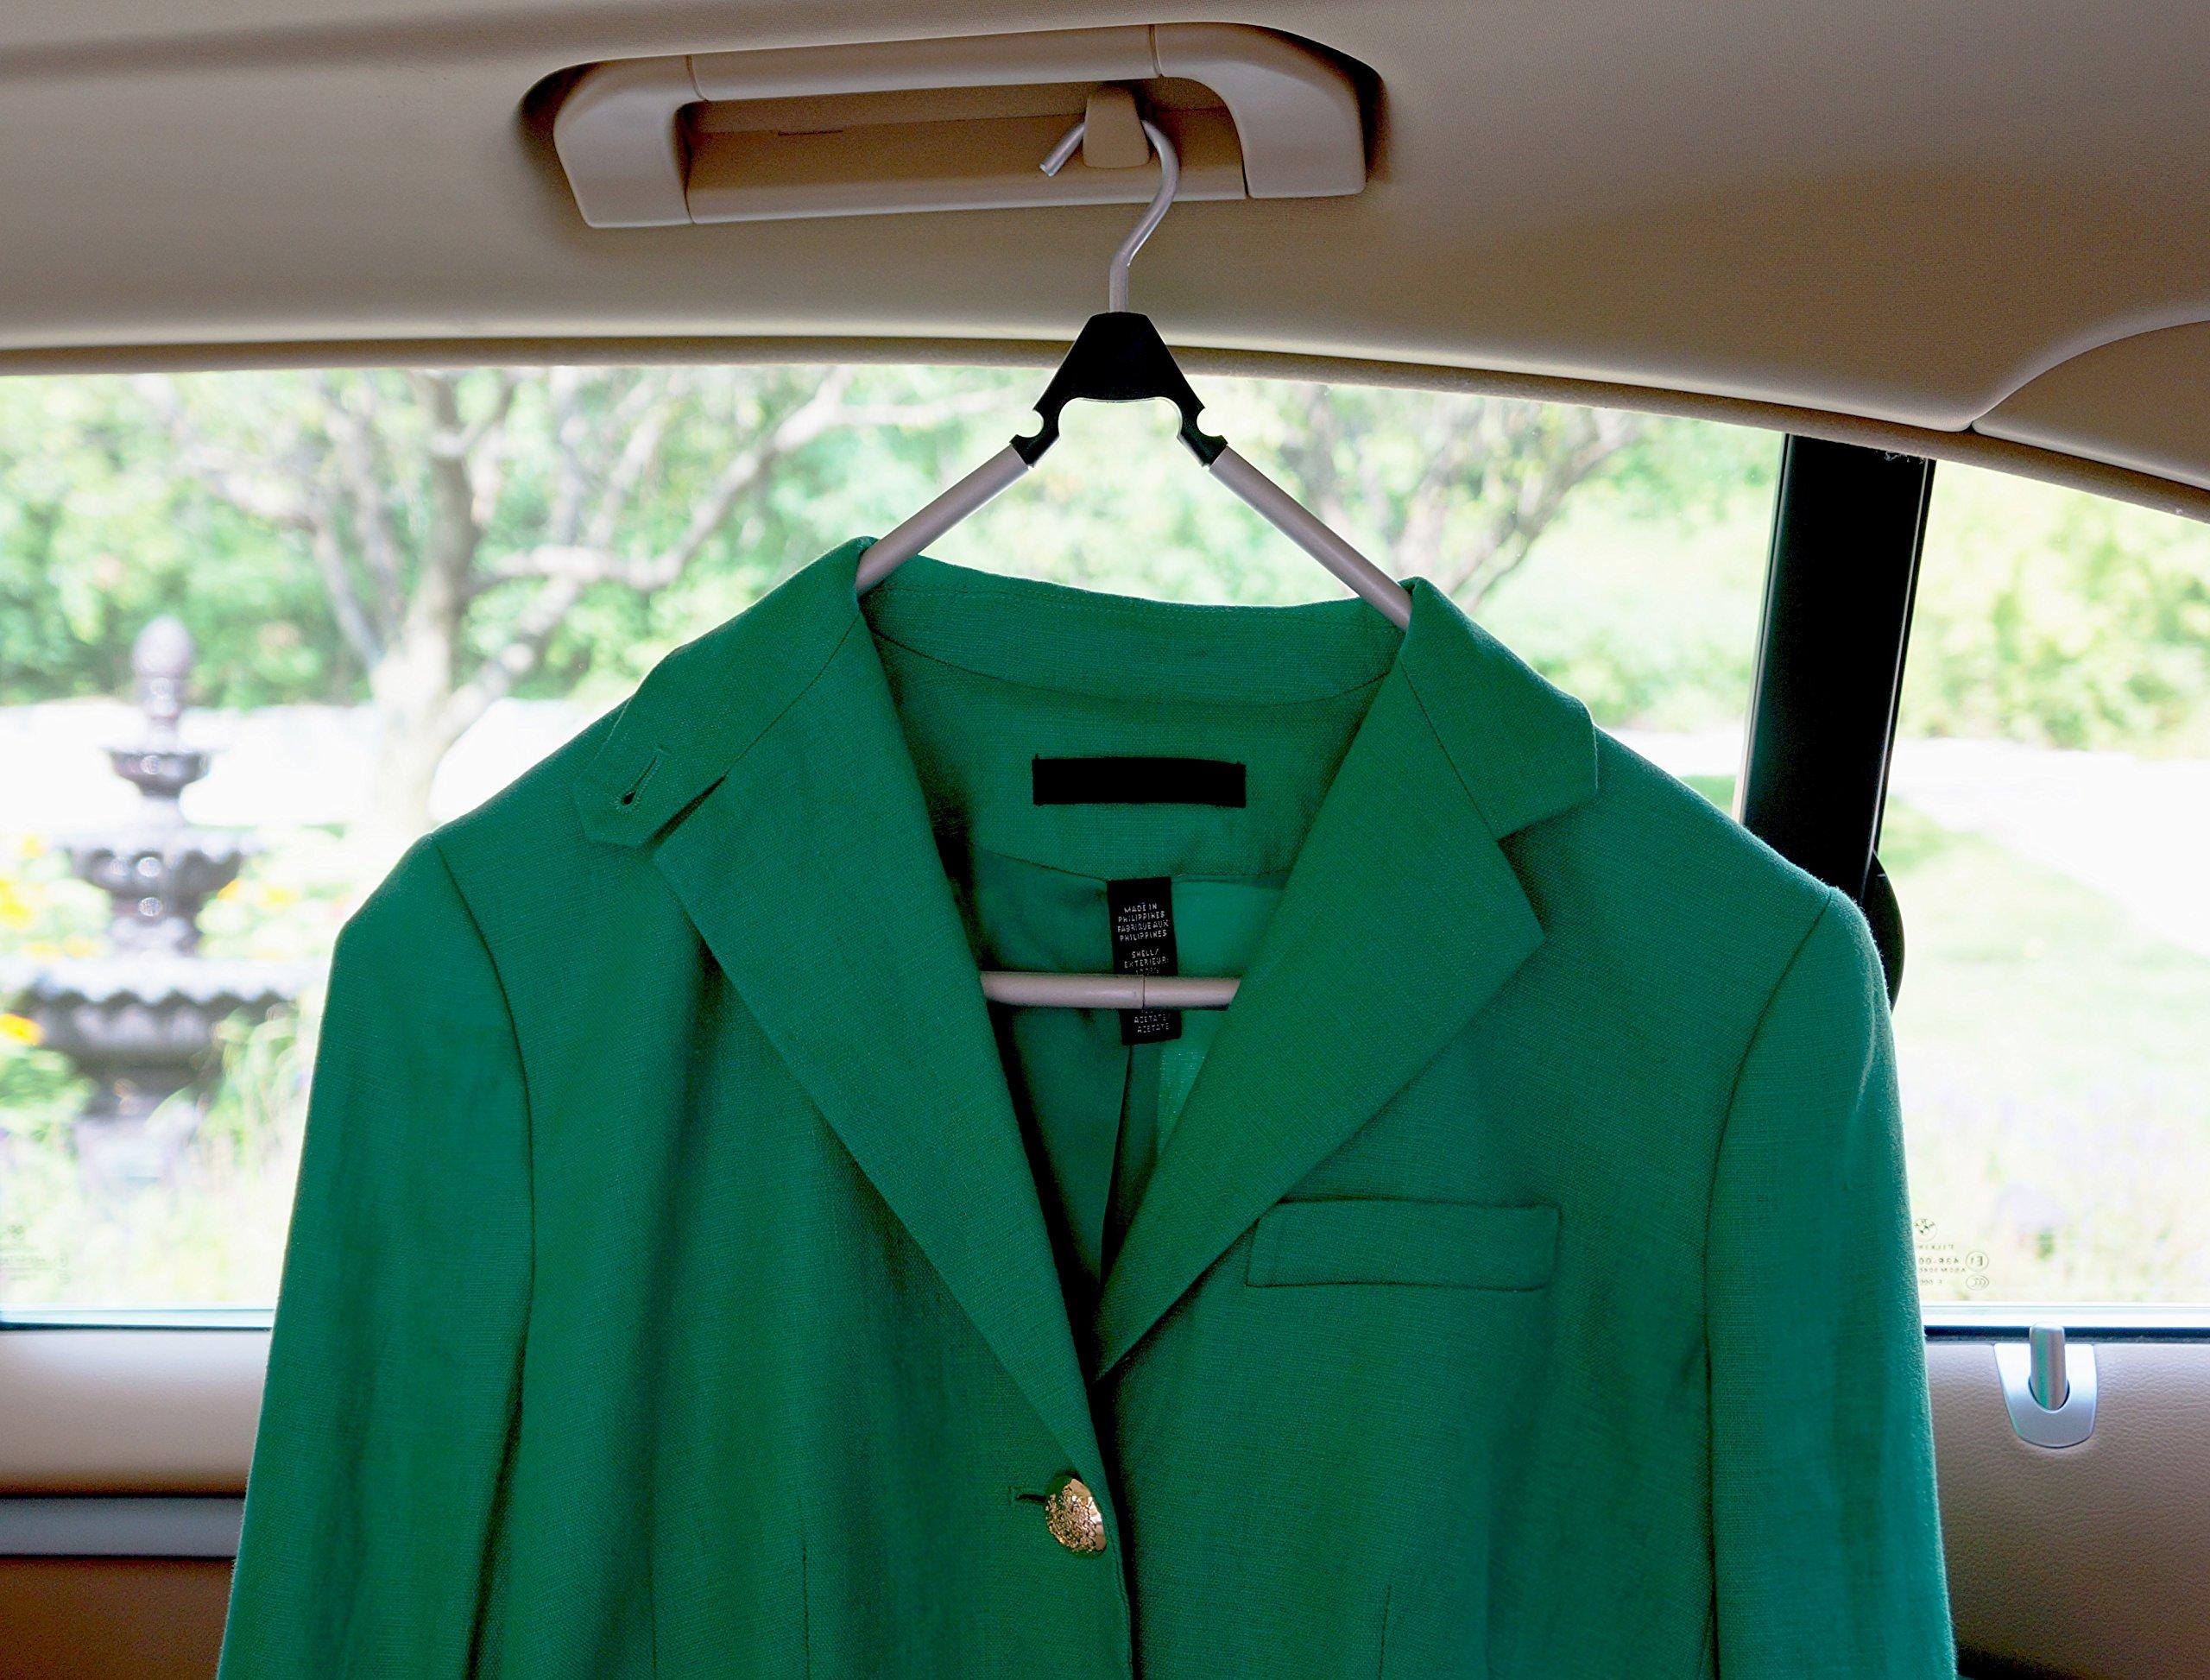 Travel Hanger, Car Hanger, Clothes Hanger- Foldable Hanger, Folding Hanger, Collapsible Hanger, Portable Hanger (Matte Silver & Black) (2) by Boottique (Image #3)